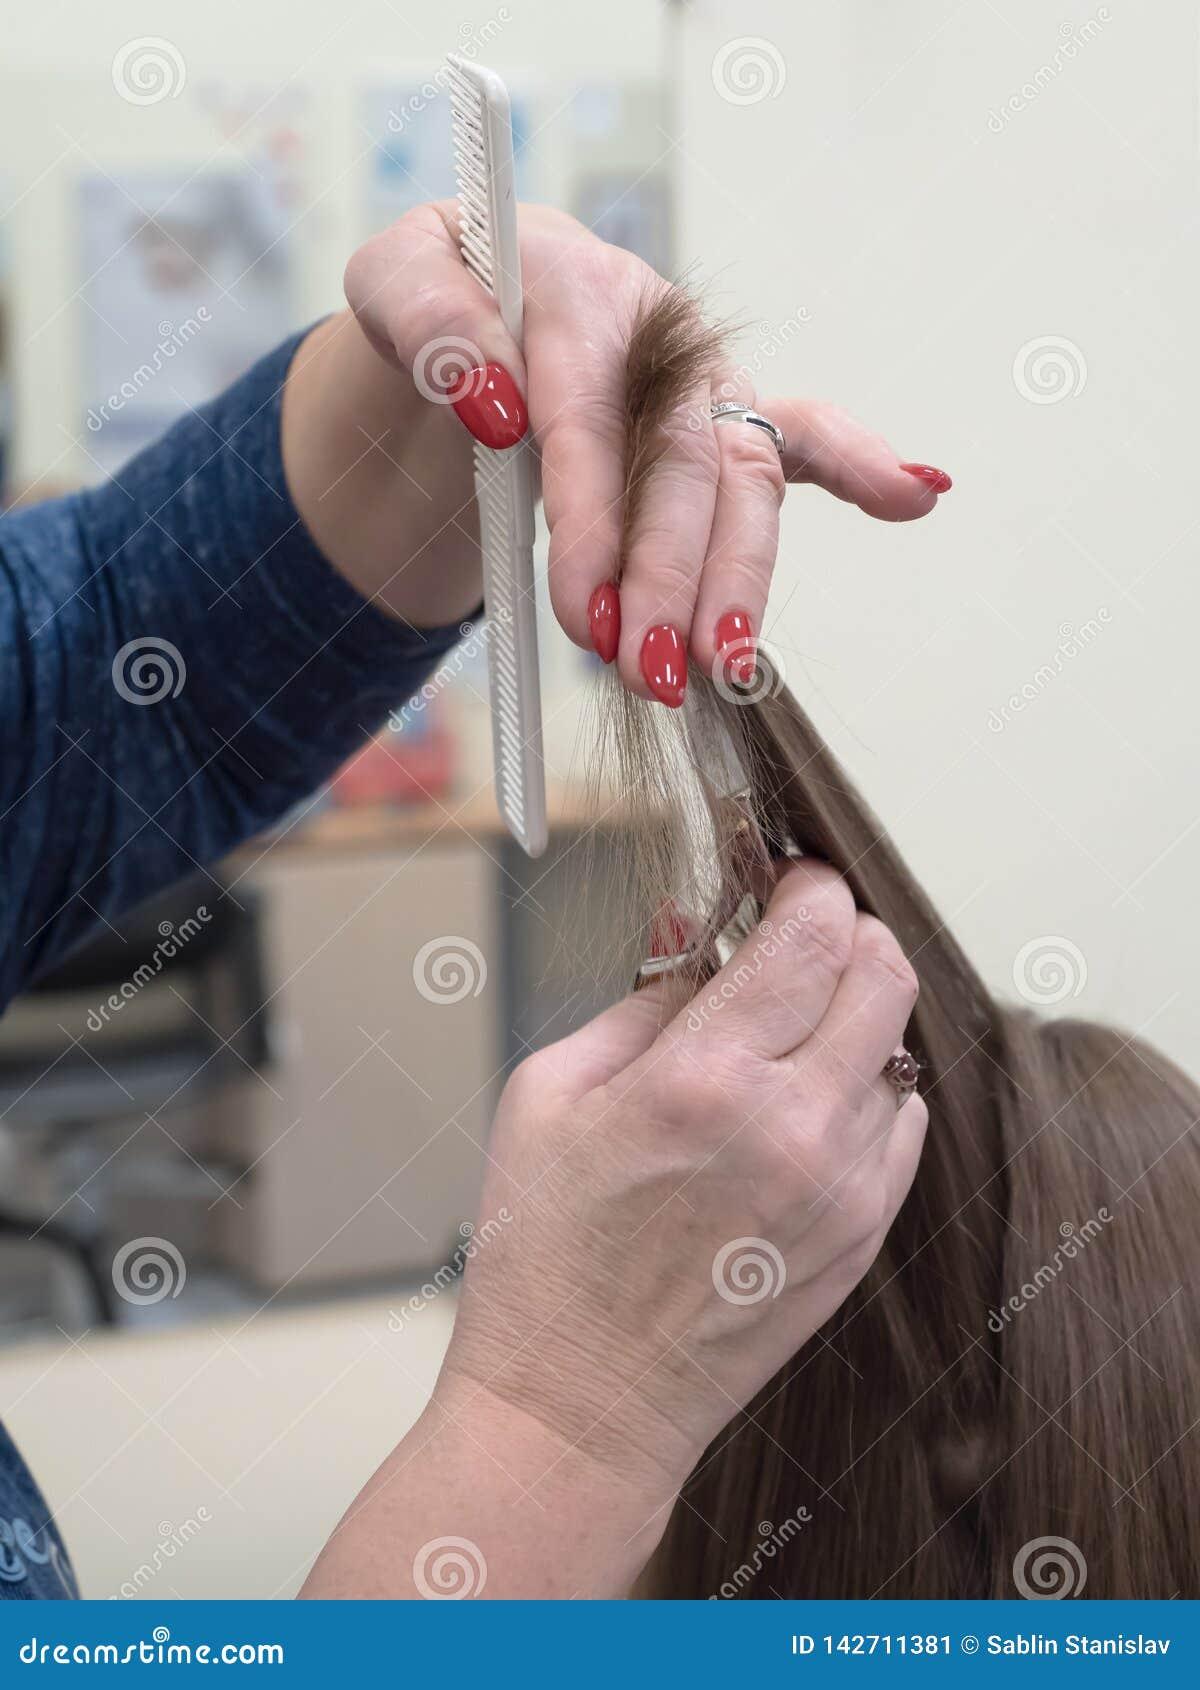 La Technique De Couper Des Cheveux Avec Des Ciseaux Image Stock Image Du Technique Ciseaux 142711381